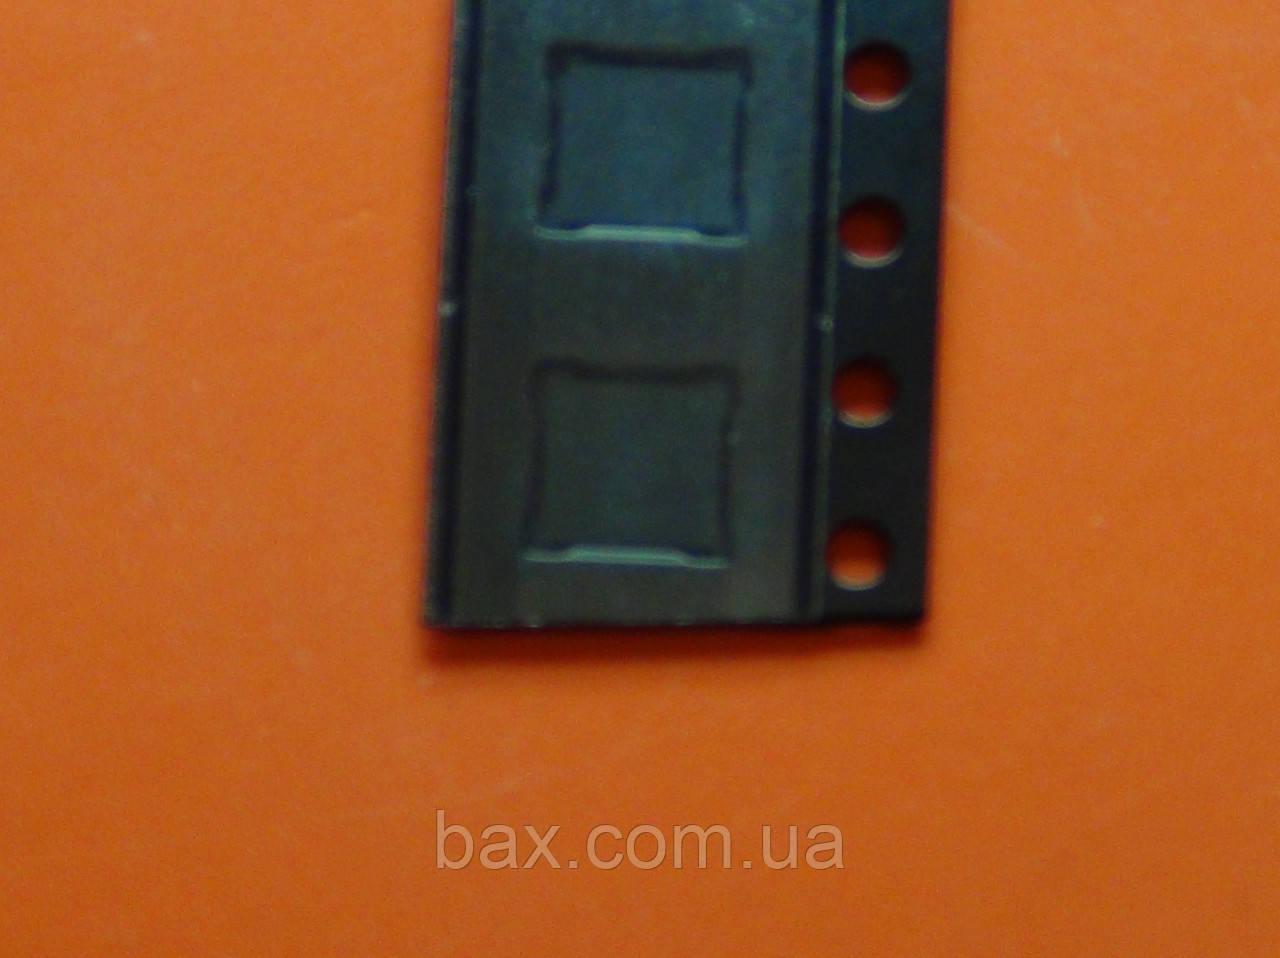 Микросхема контроллер питания WCN3990 00K Новый в упаковке